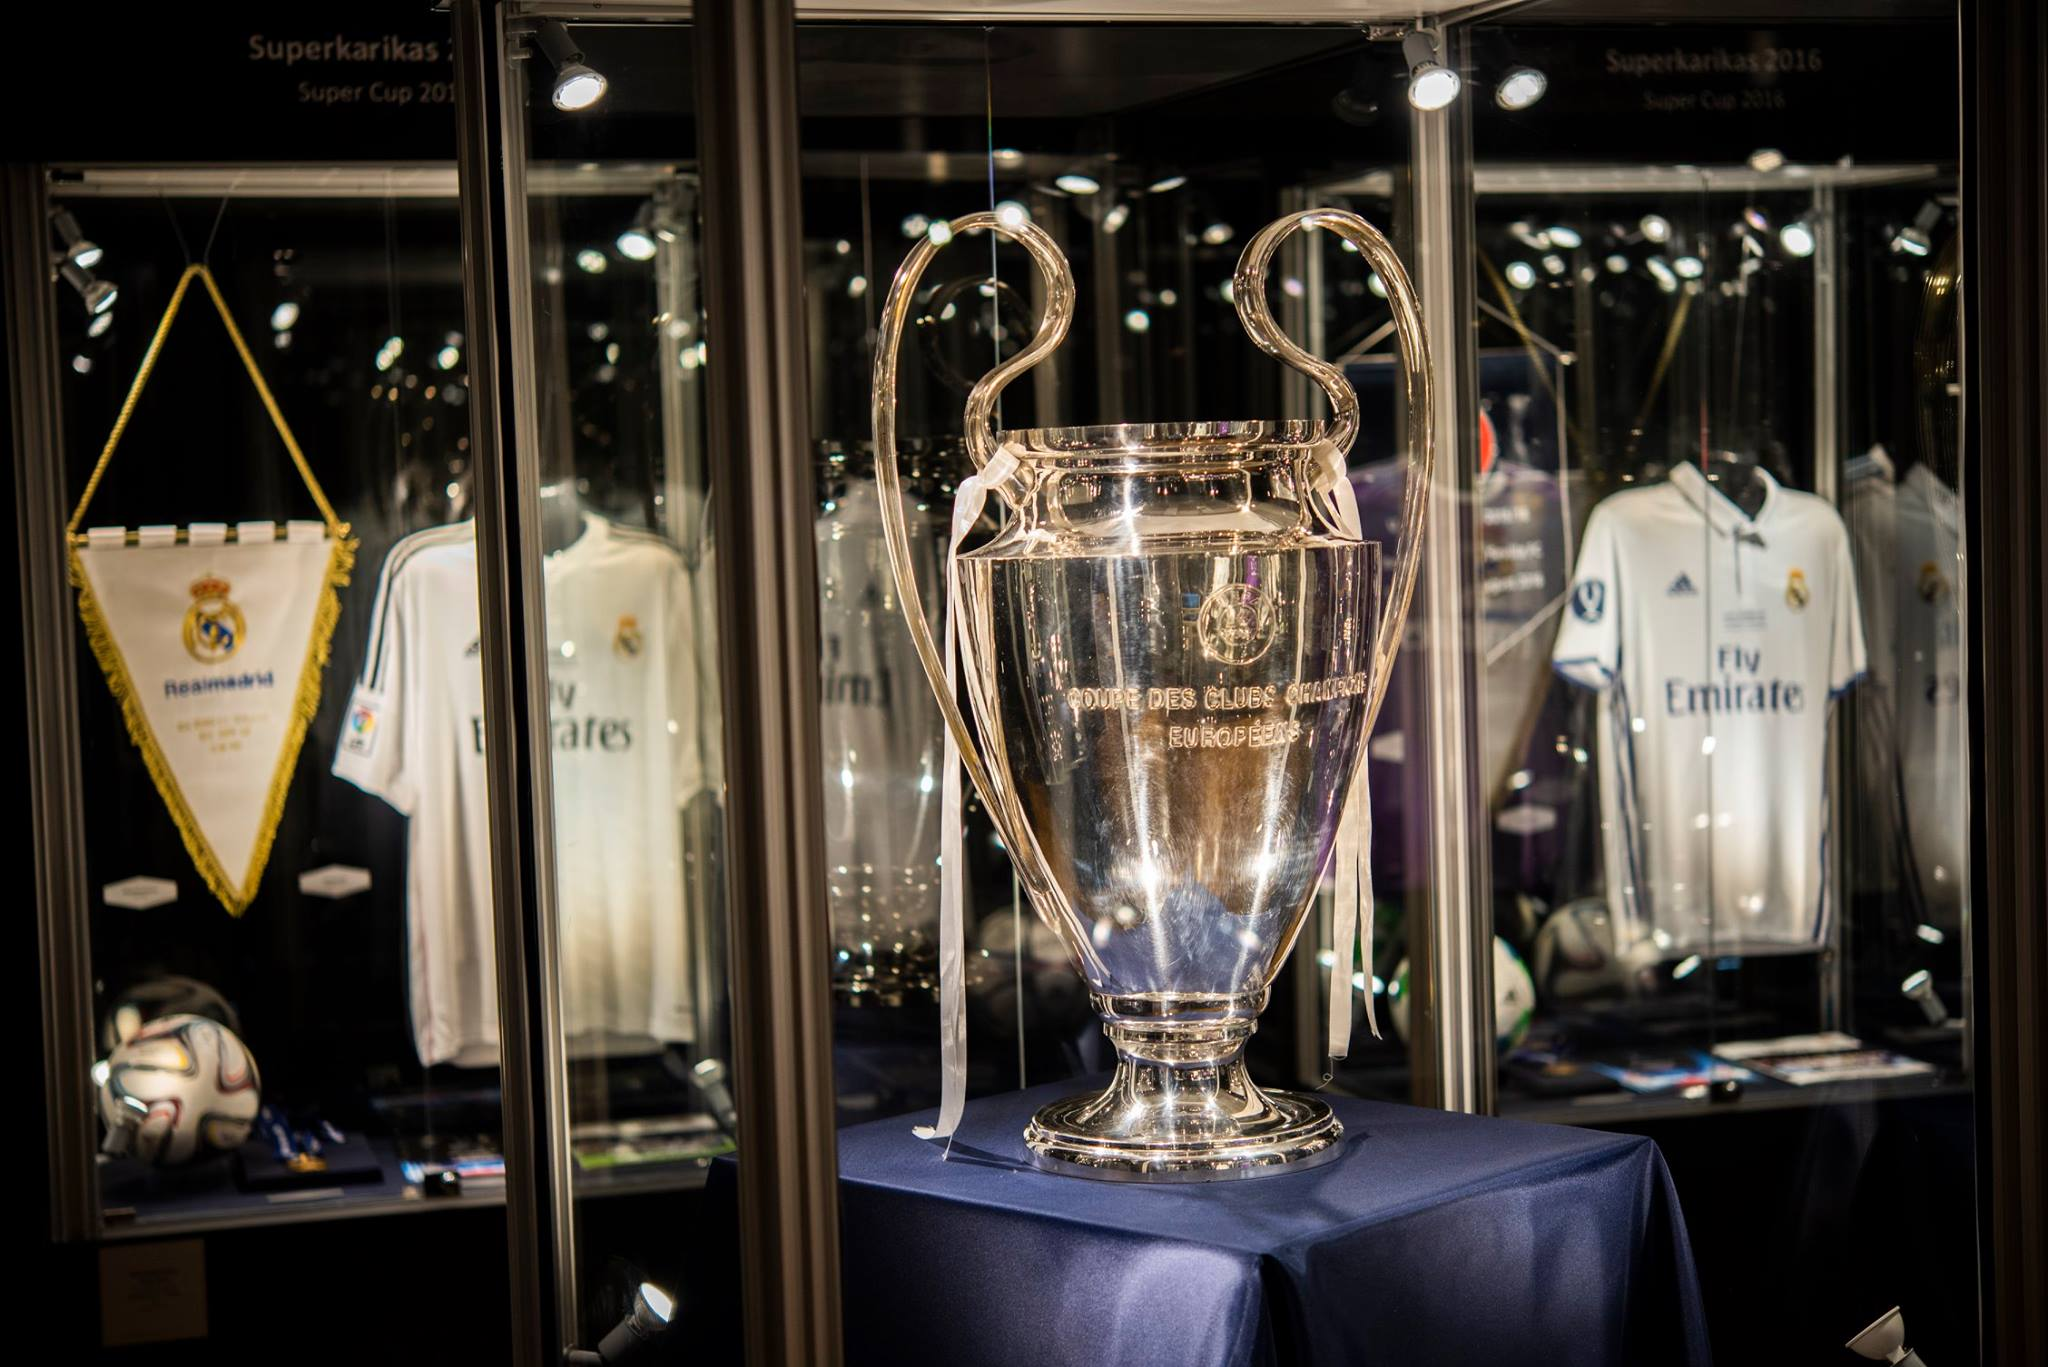 Spordimuuseumis avati eriväljapanek Real Madridi jalgpalliklubi 21. sajandi suurimatest võitudest